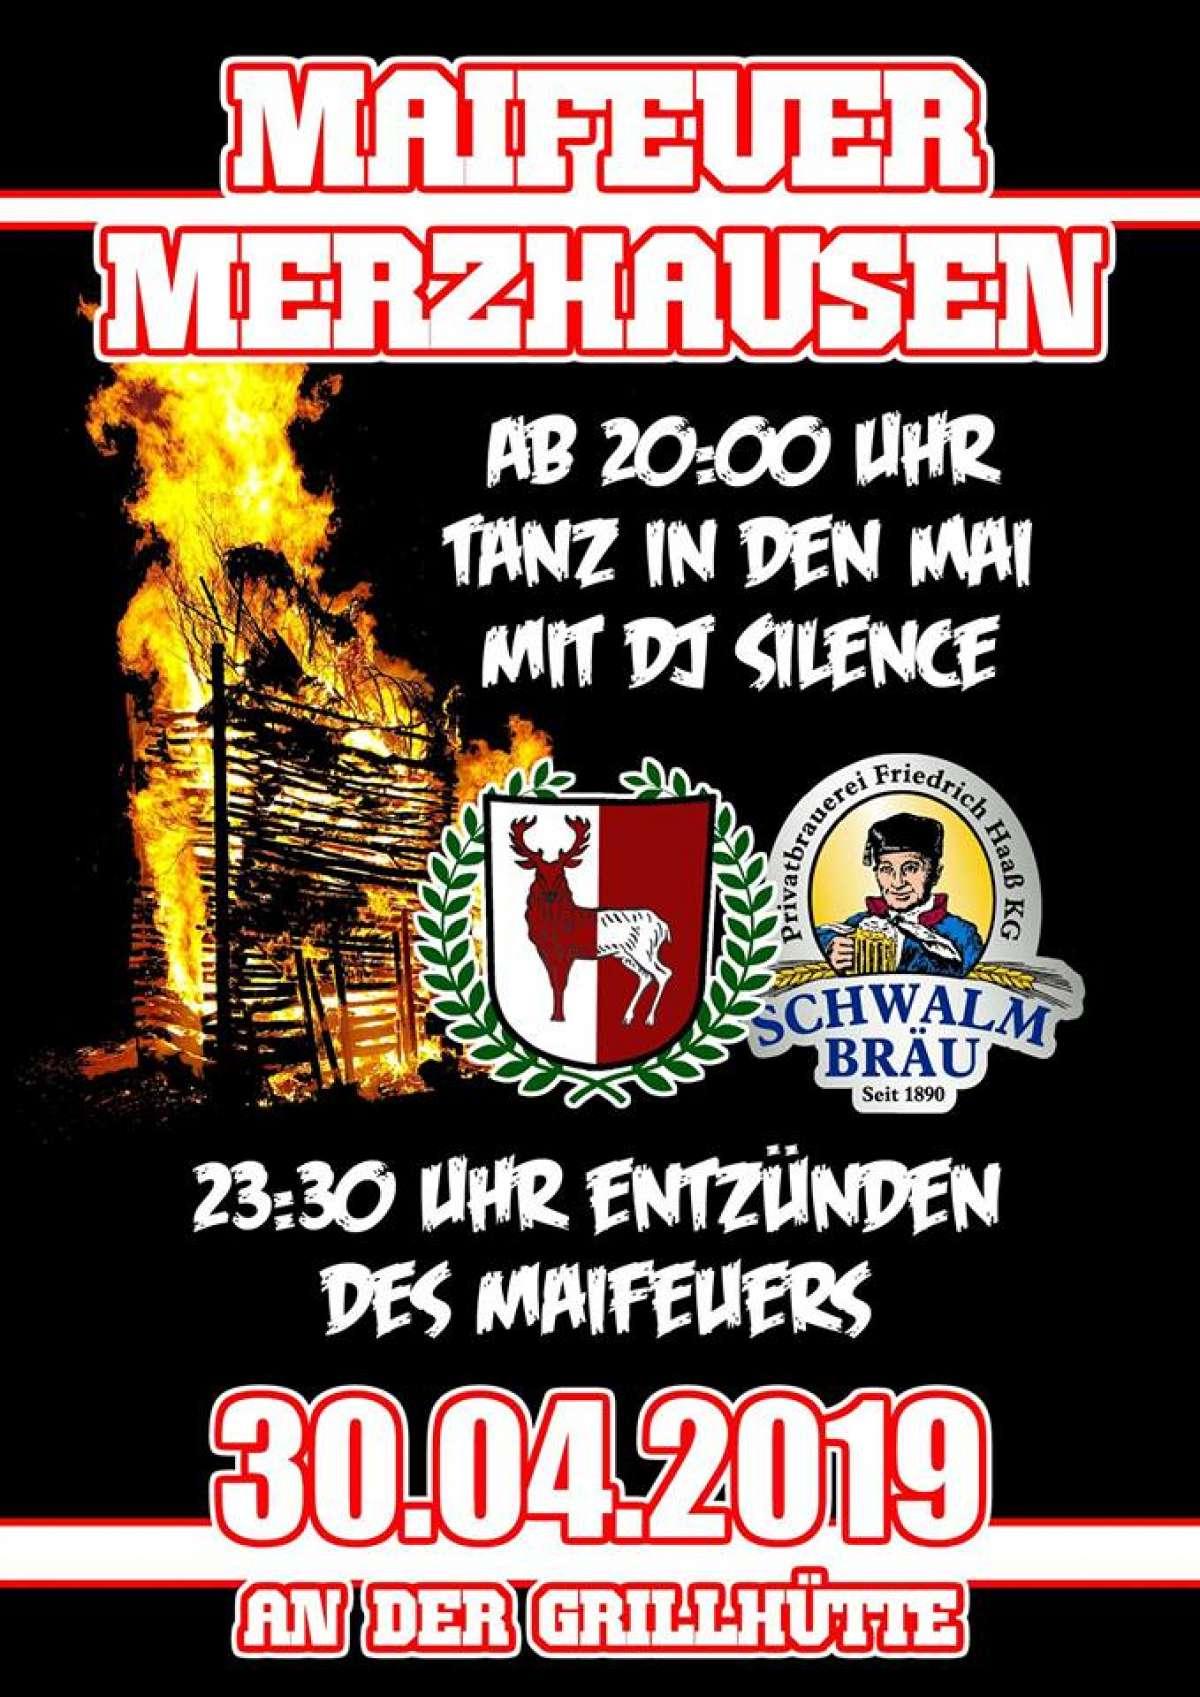 Ww-Terminator: Maifeuer 2019 - Grillhütte Merzhausen - Merzhausen